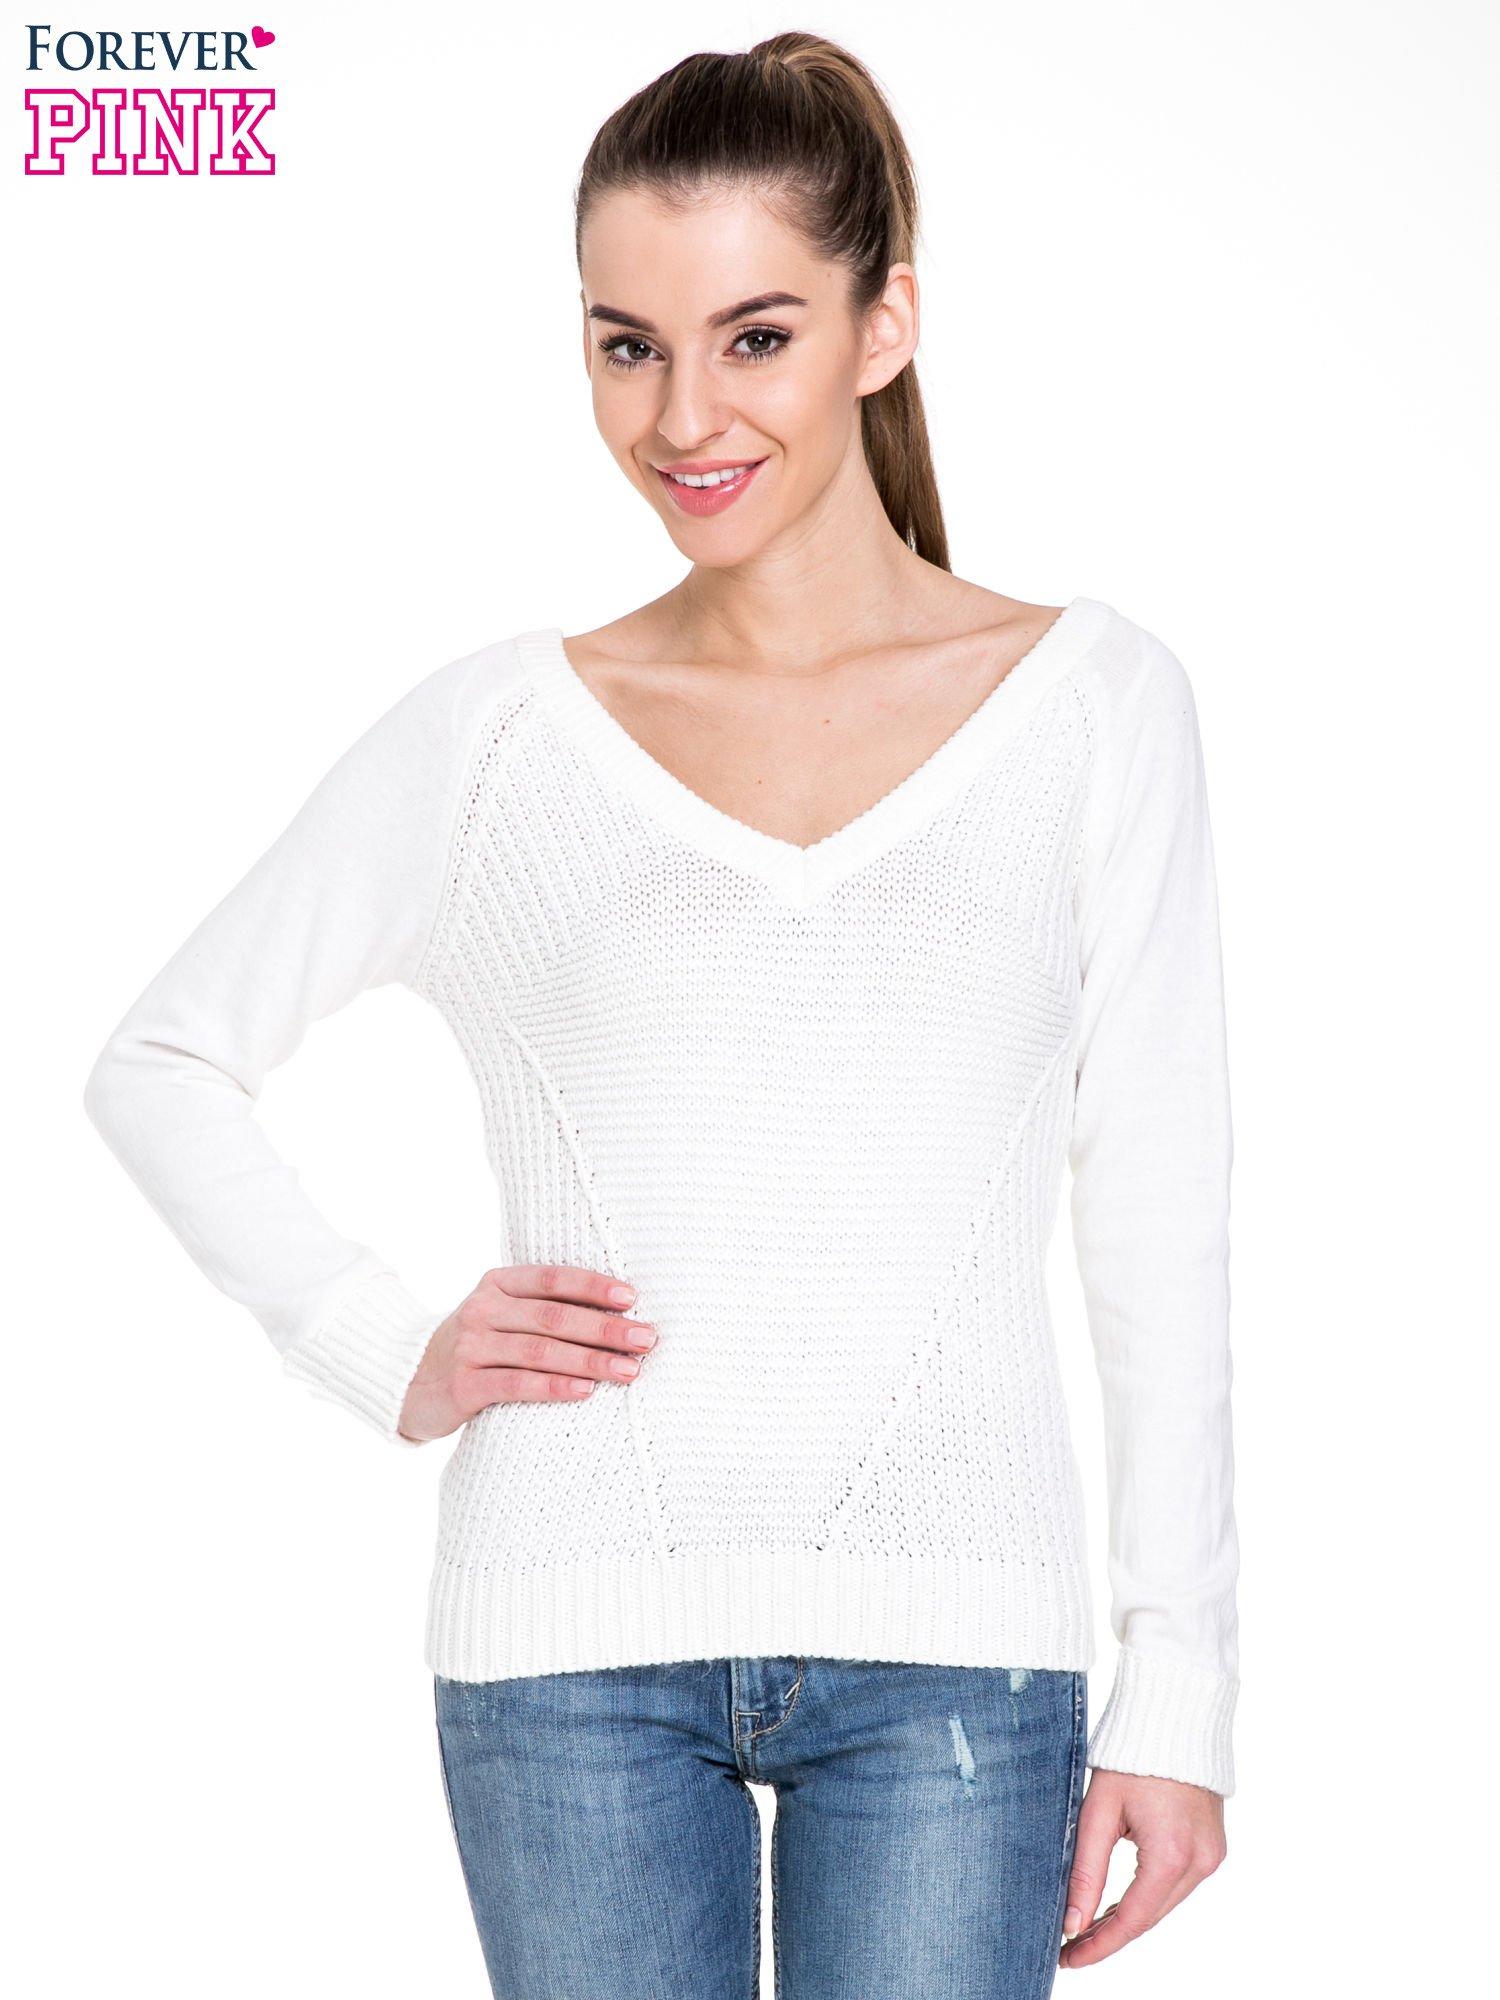 791433e996a401 Biały sweter z dwustronnym dekoltem w serek - Sweter długi - sklep ...